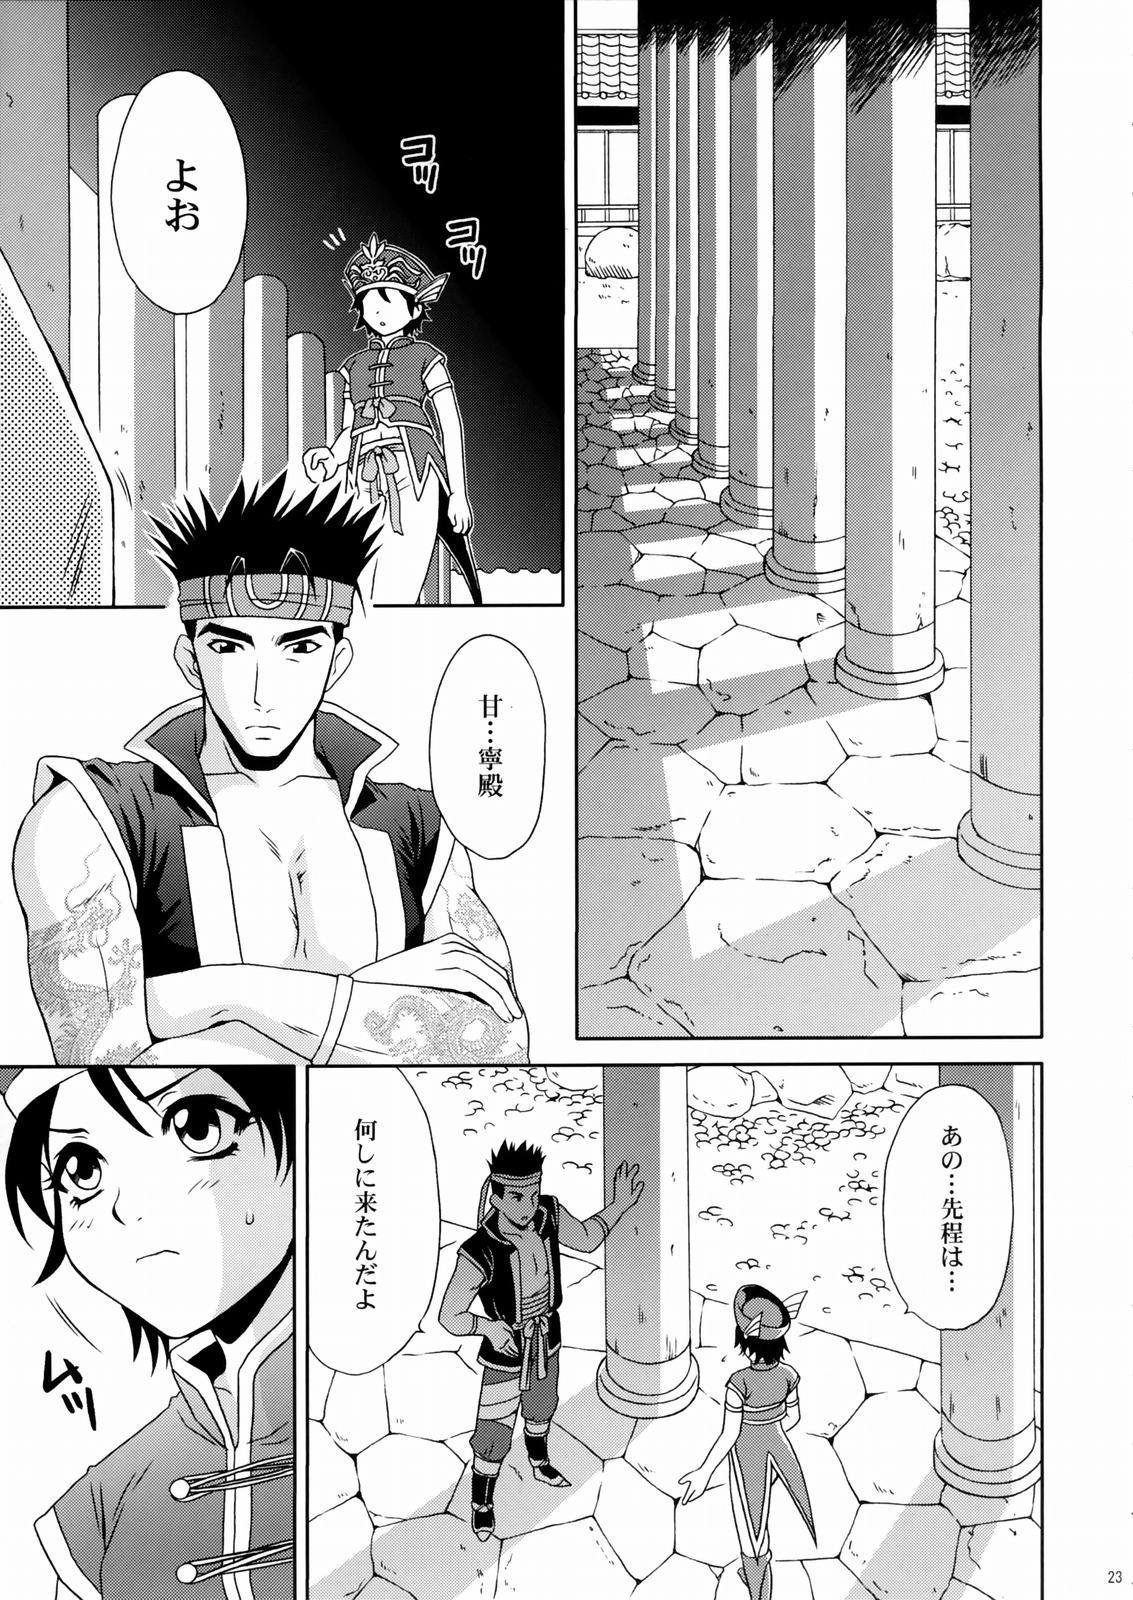 Rikuson-chan 21